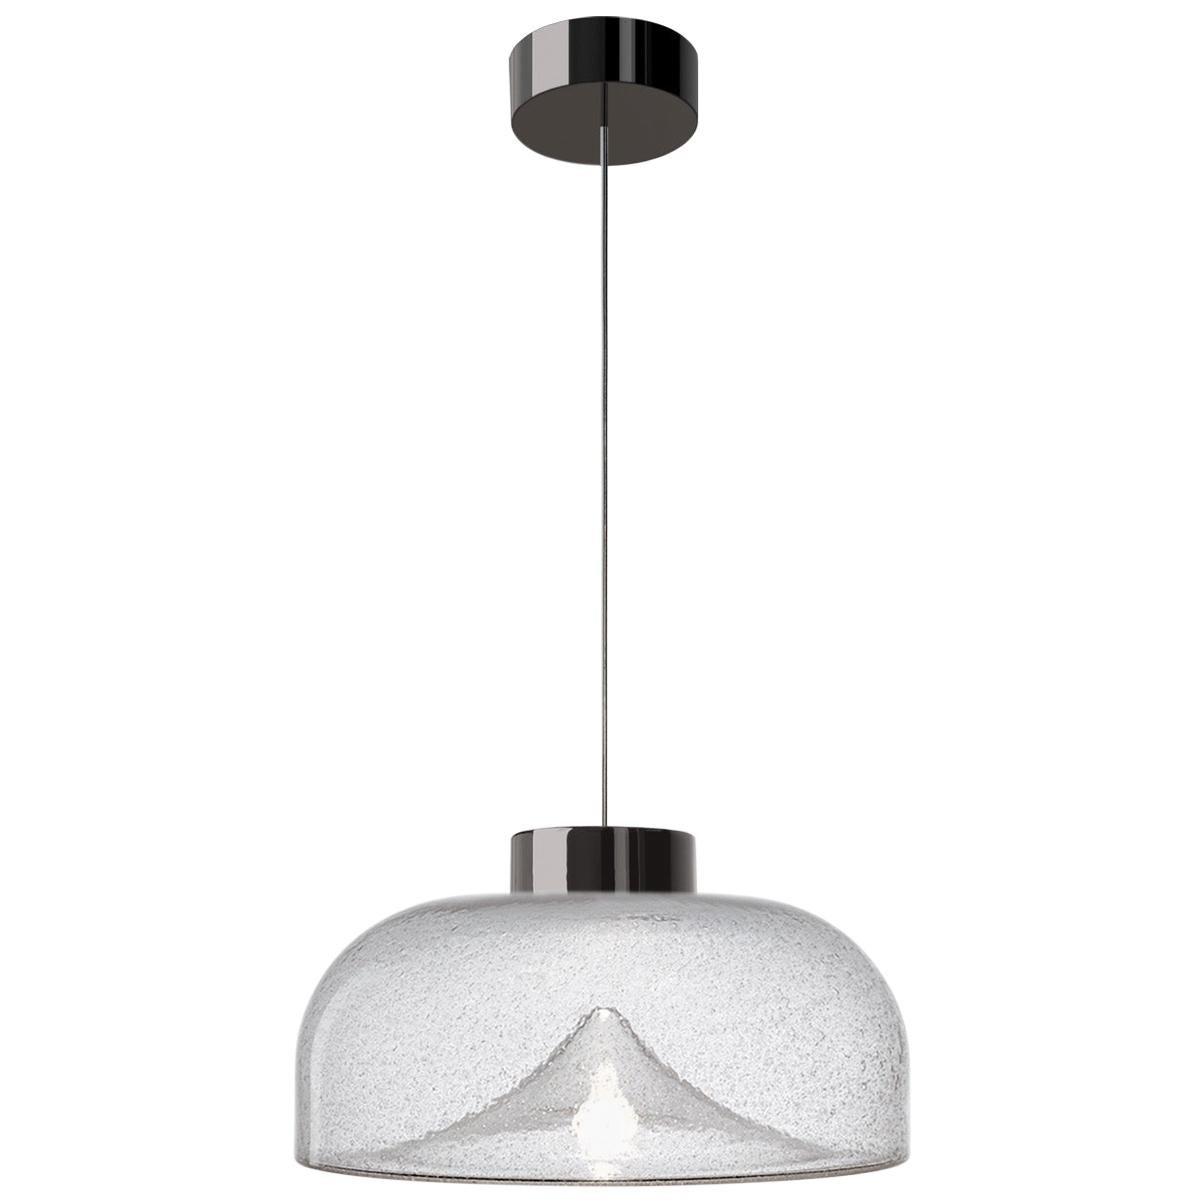 Leucos Aella Mini LED Pendant Lamp, Antico/Gunmetal